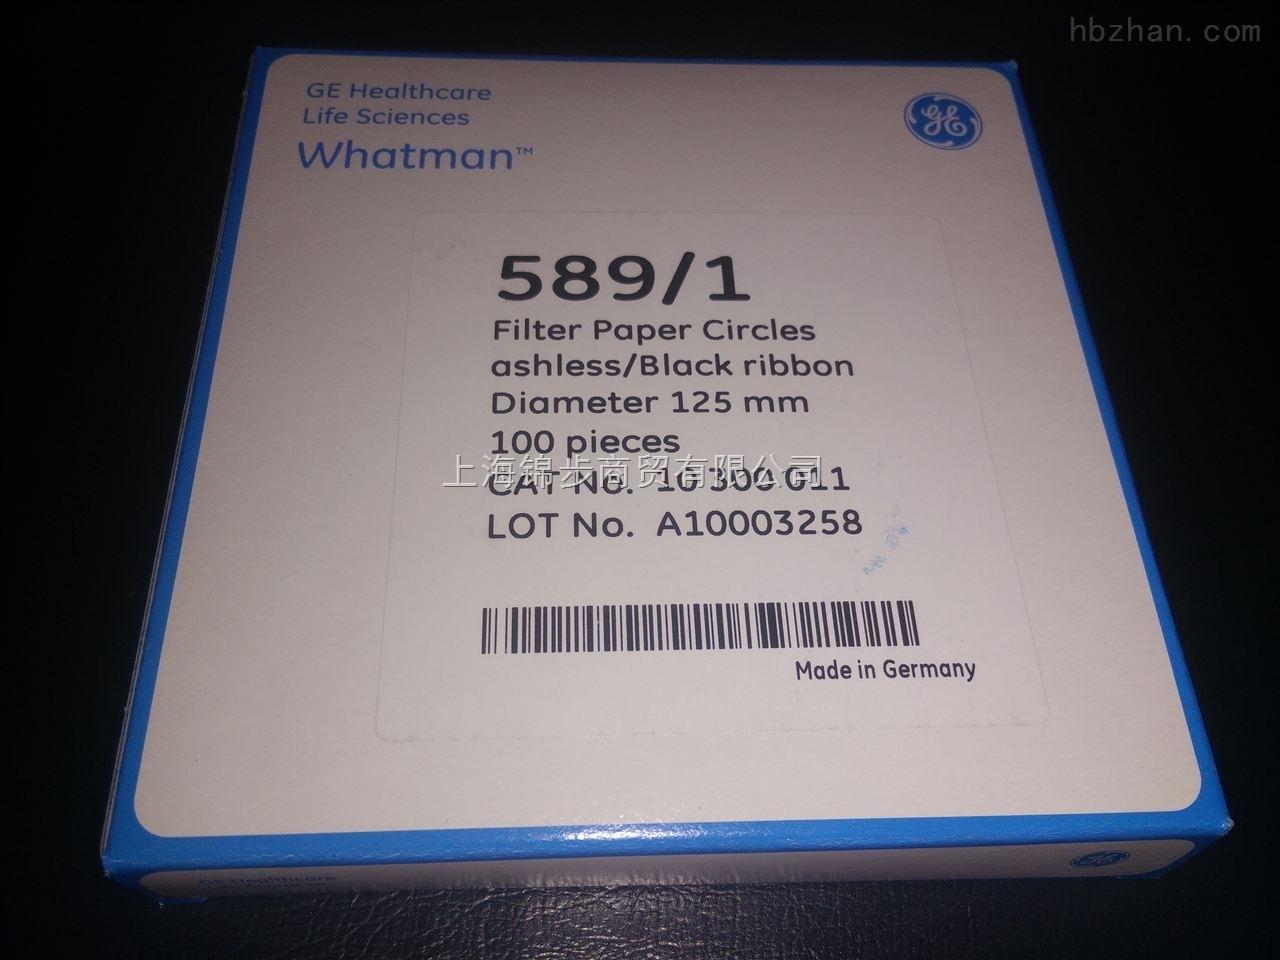 gewhatman589/1定量滤纸(黑缎滤纸)货号10300011